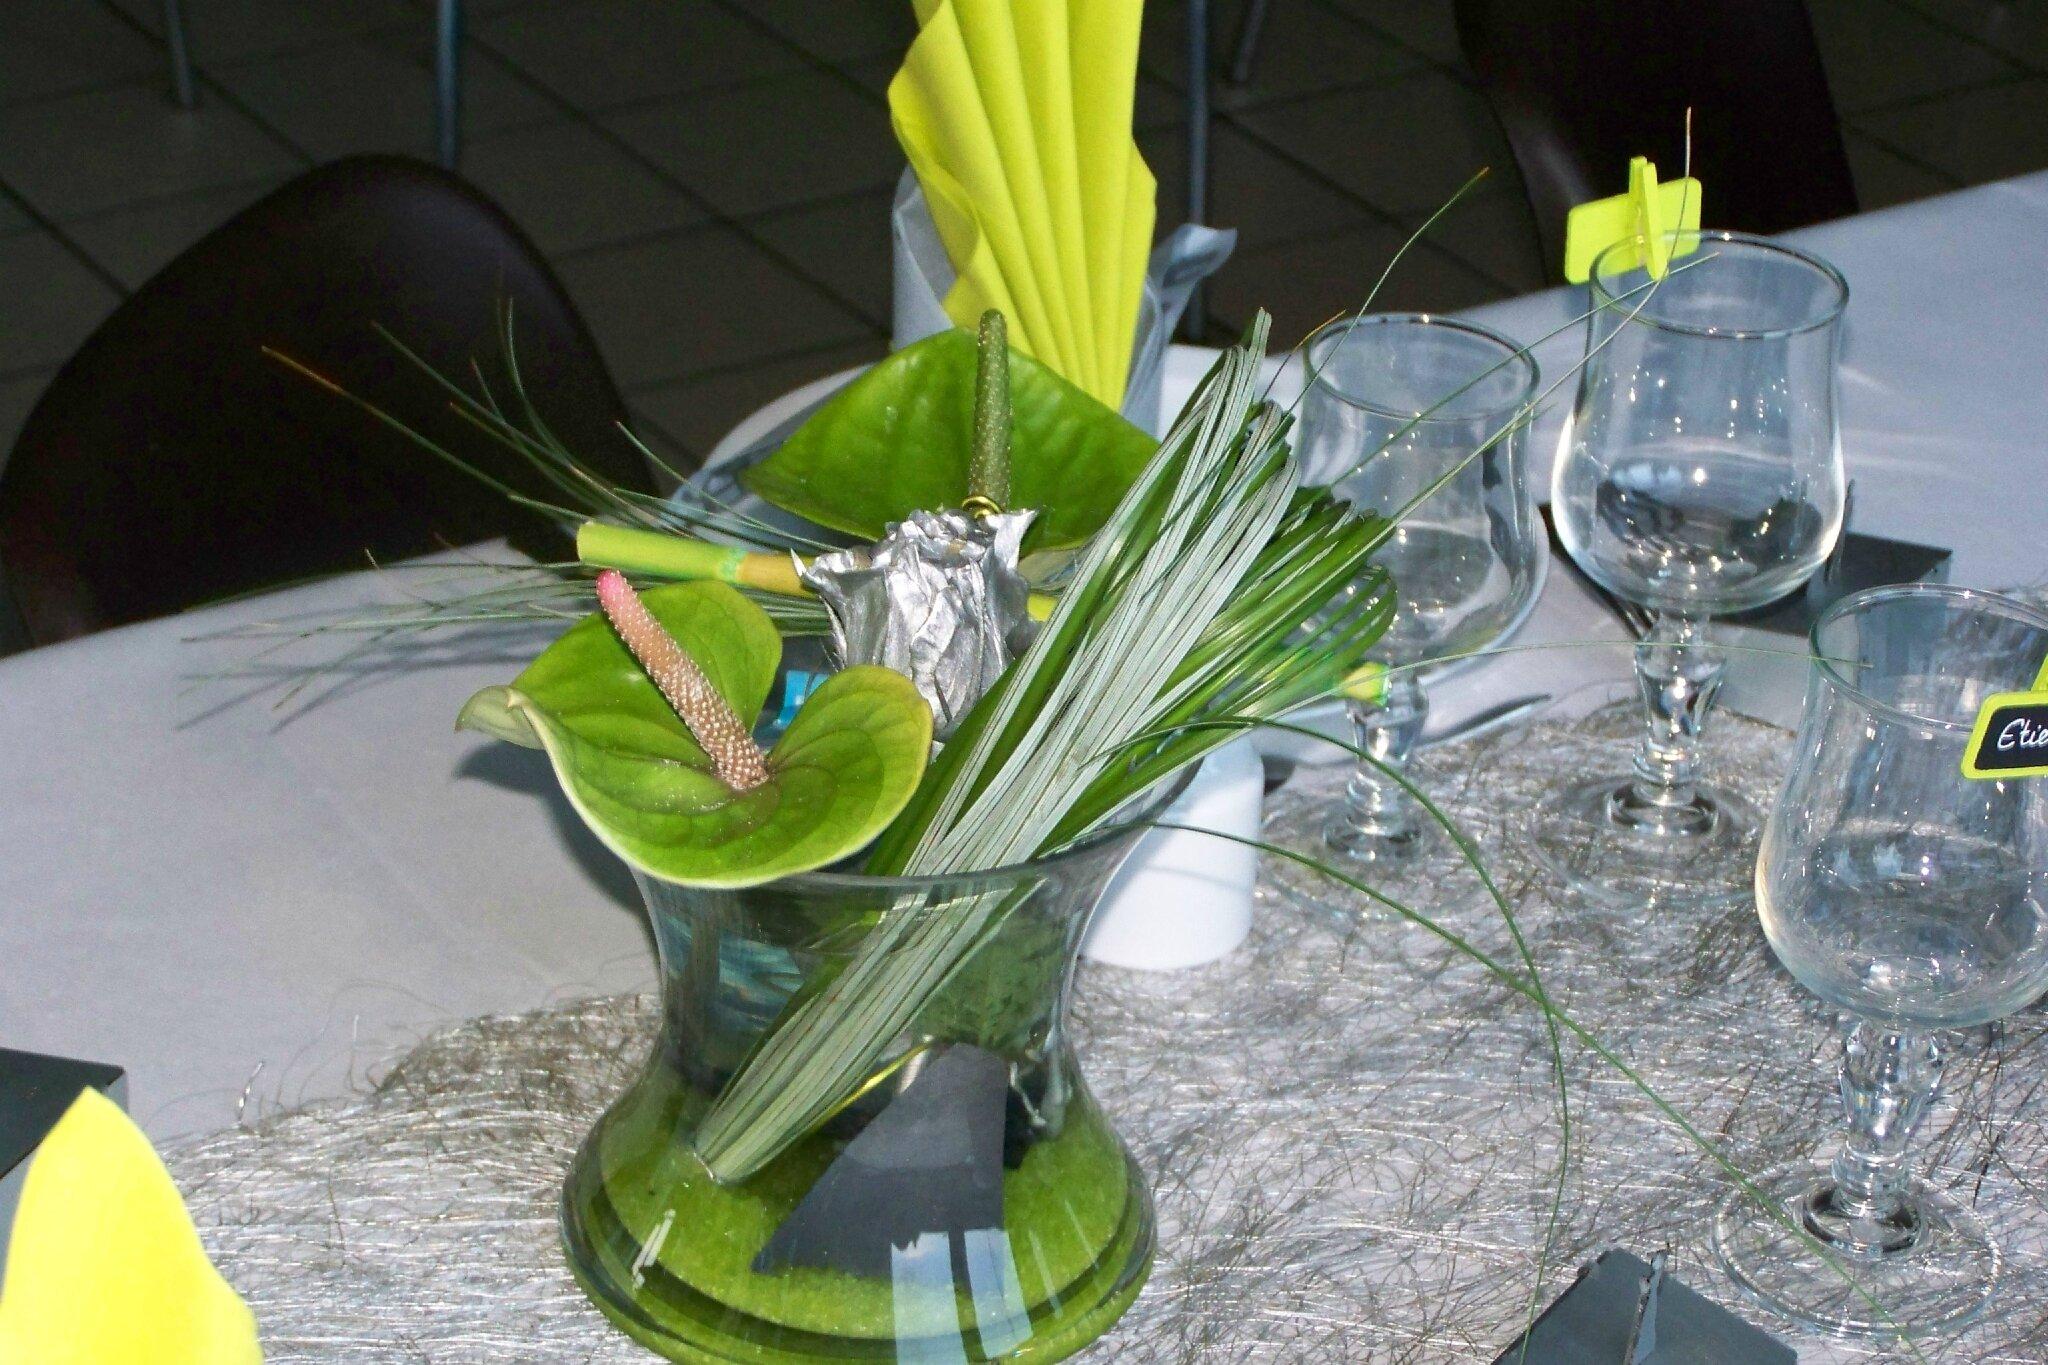 magnifique mariage couleur choisi vert et gris les folies d 39 ana. Black Bedroom Furniture Sets. Home Design Ideas